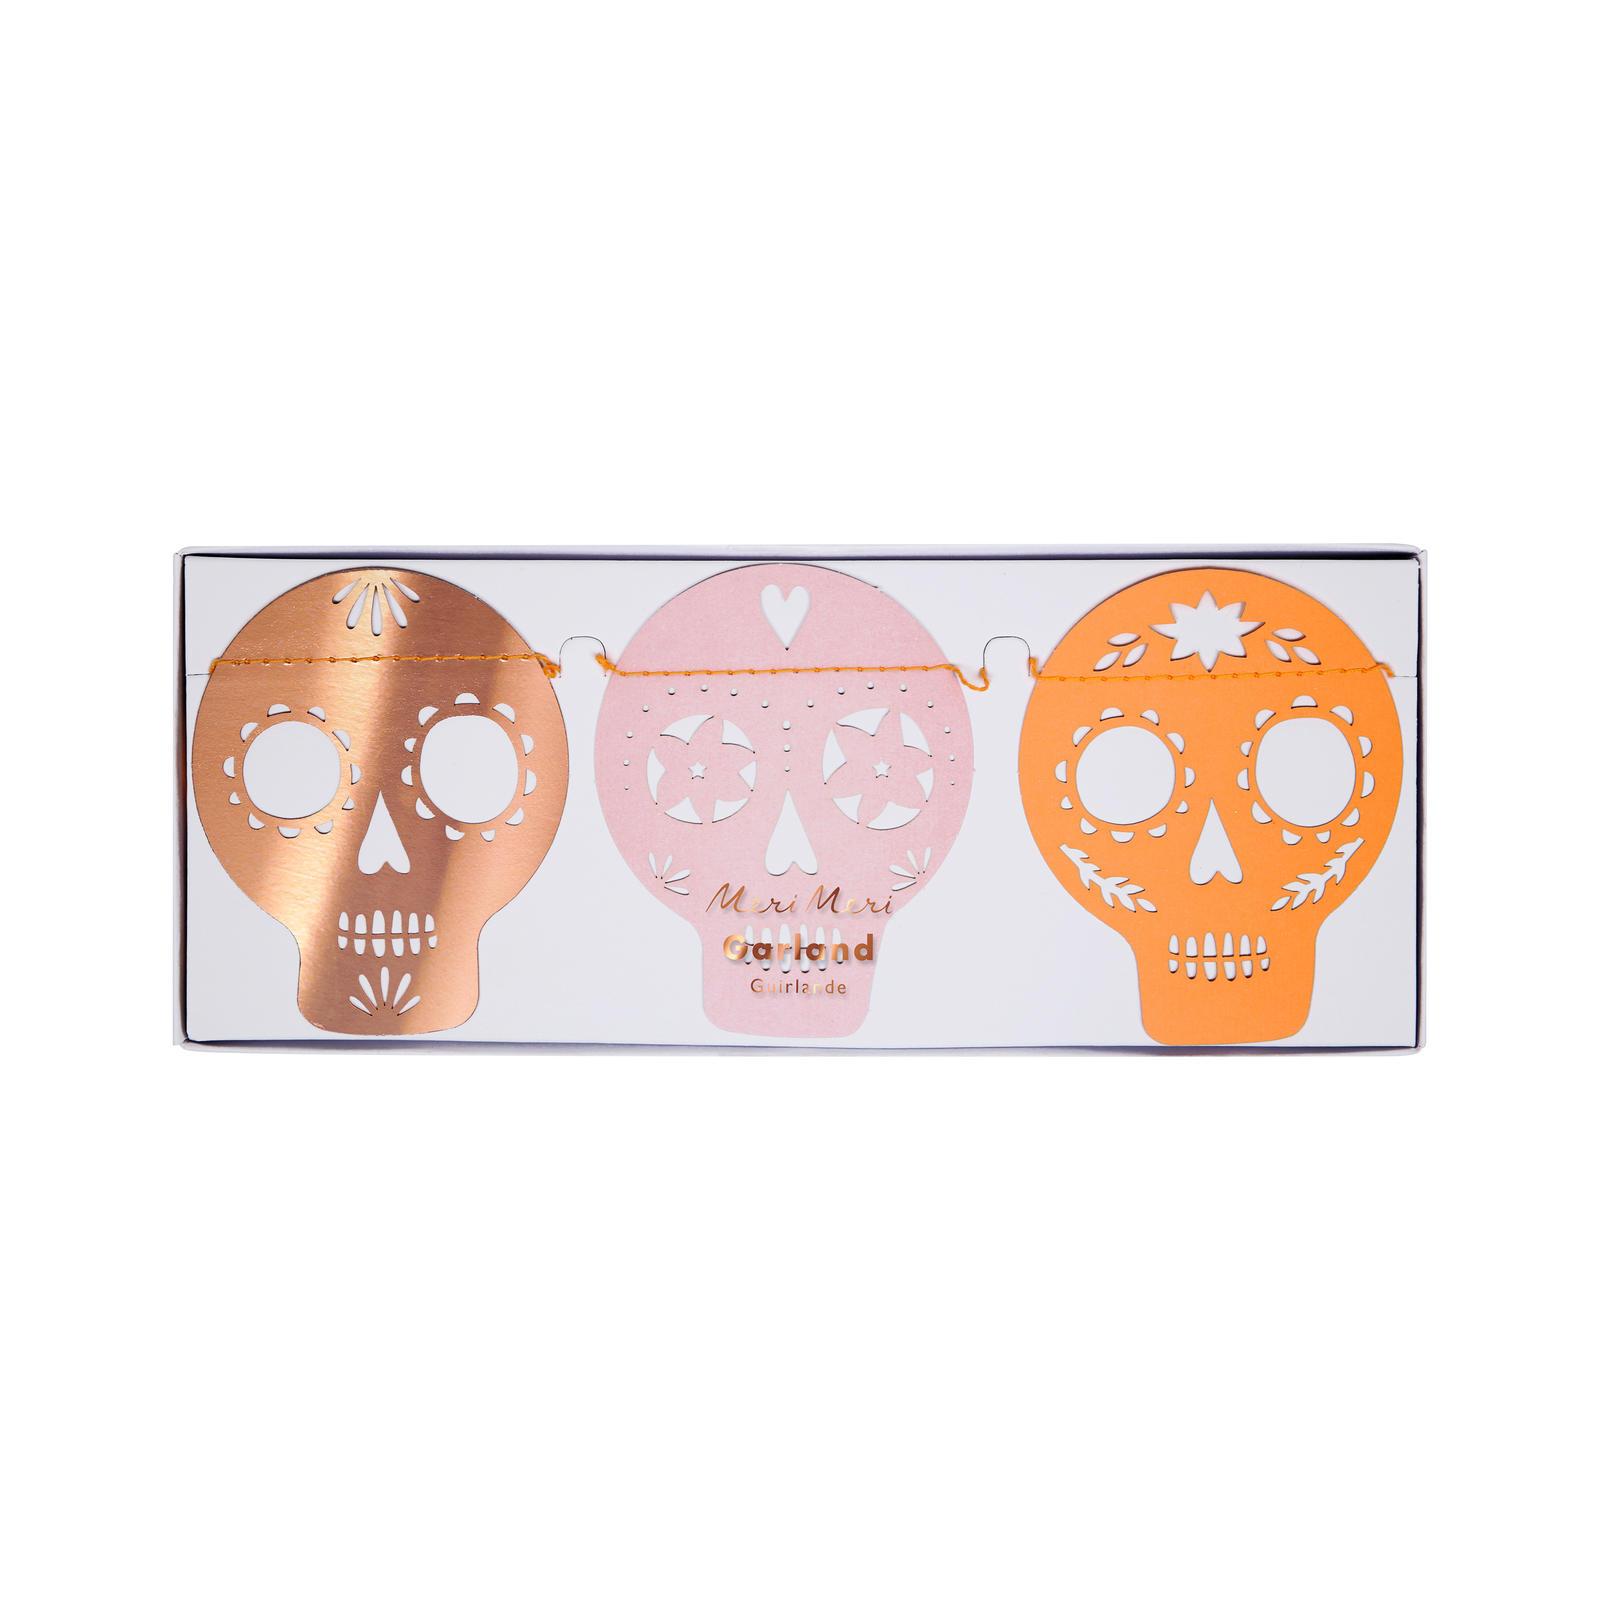 Table De Jardin Nouveau Meri Meri assiette En Carton Skull Mexicain Vaisselle Et Of 20 Charmant Table De Jardin